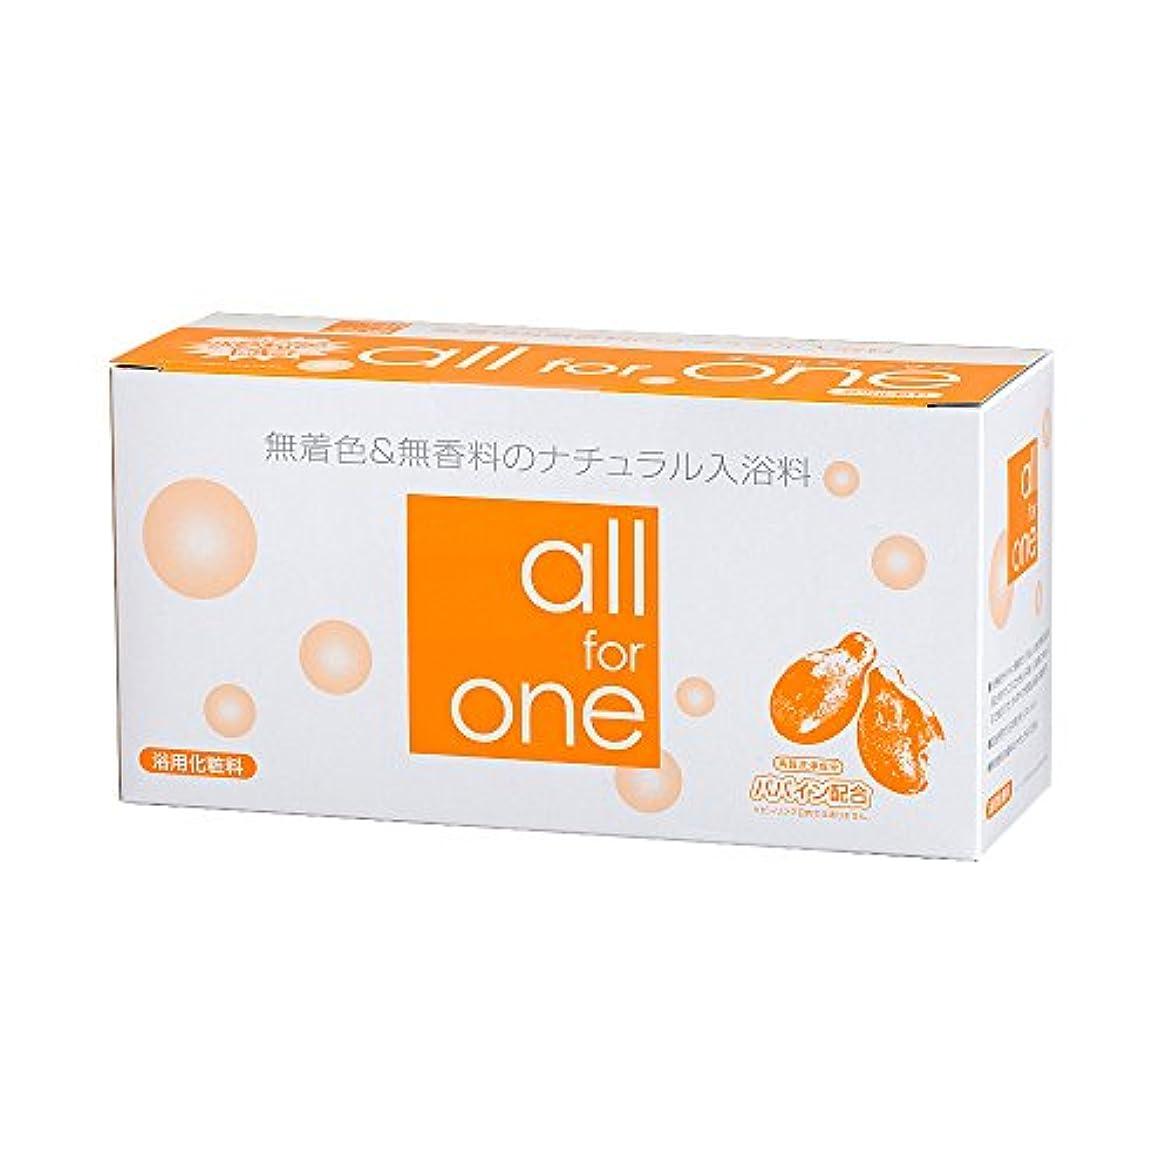 標準マーキーマンモスパパイン酵素配合 無着色&無香料 ナチュラル入浴剤 all for one 30包